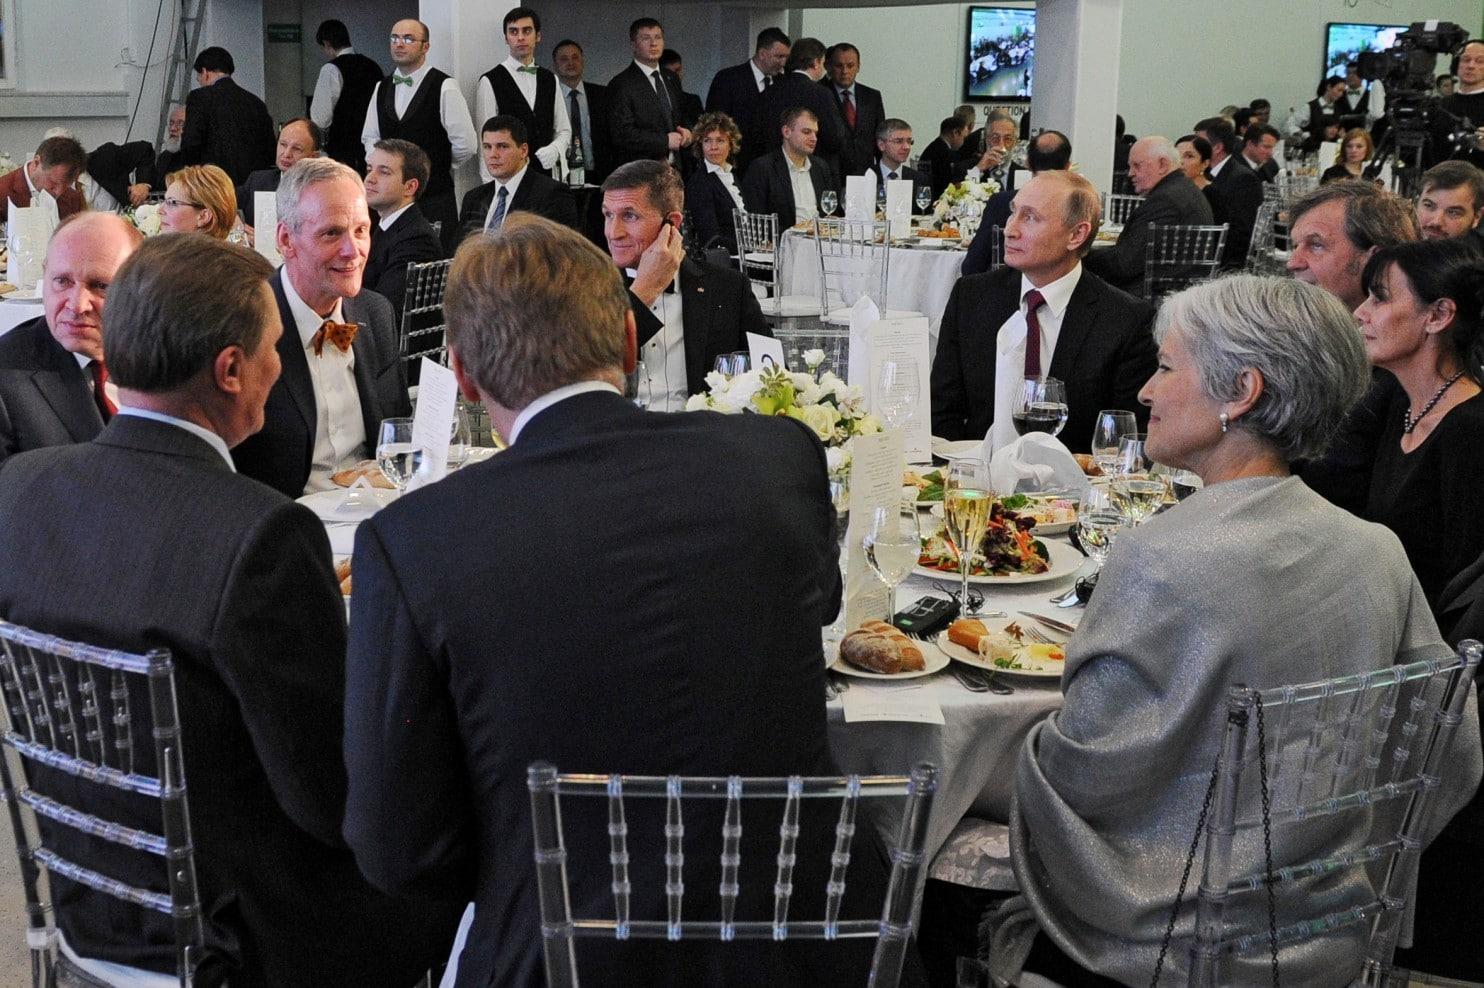 """الجنرال فلين جالساً إلى يمين الرئيس بوتين في احتفال بذكرى مرور 10 سنوات على تأسيس تلفزيون """"روسيا اليوم""""."""